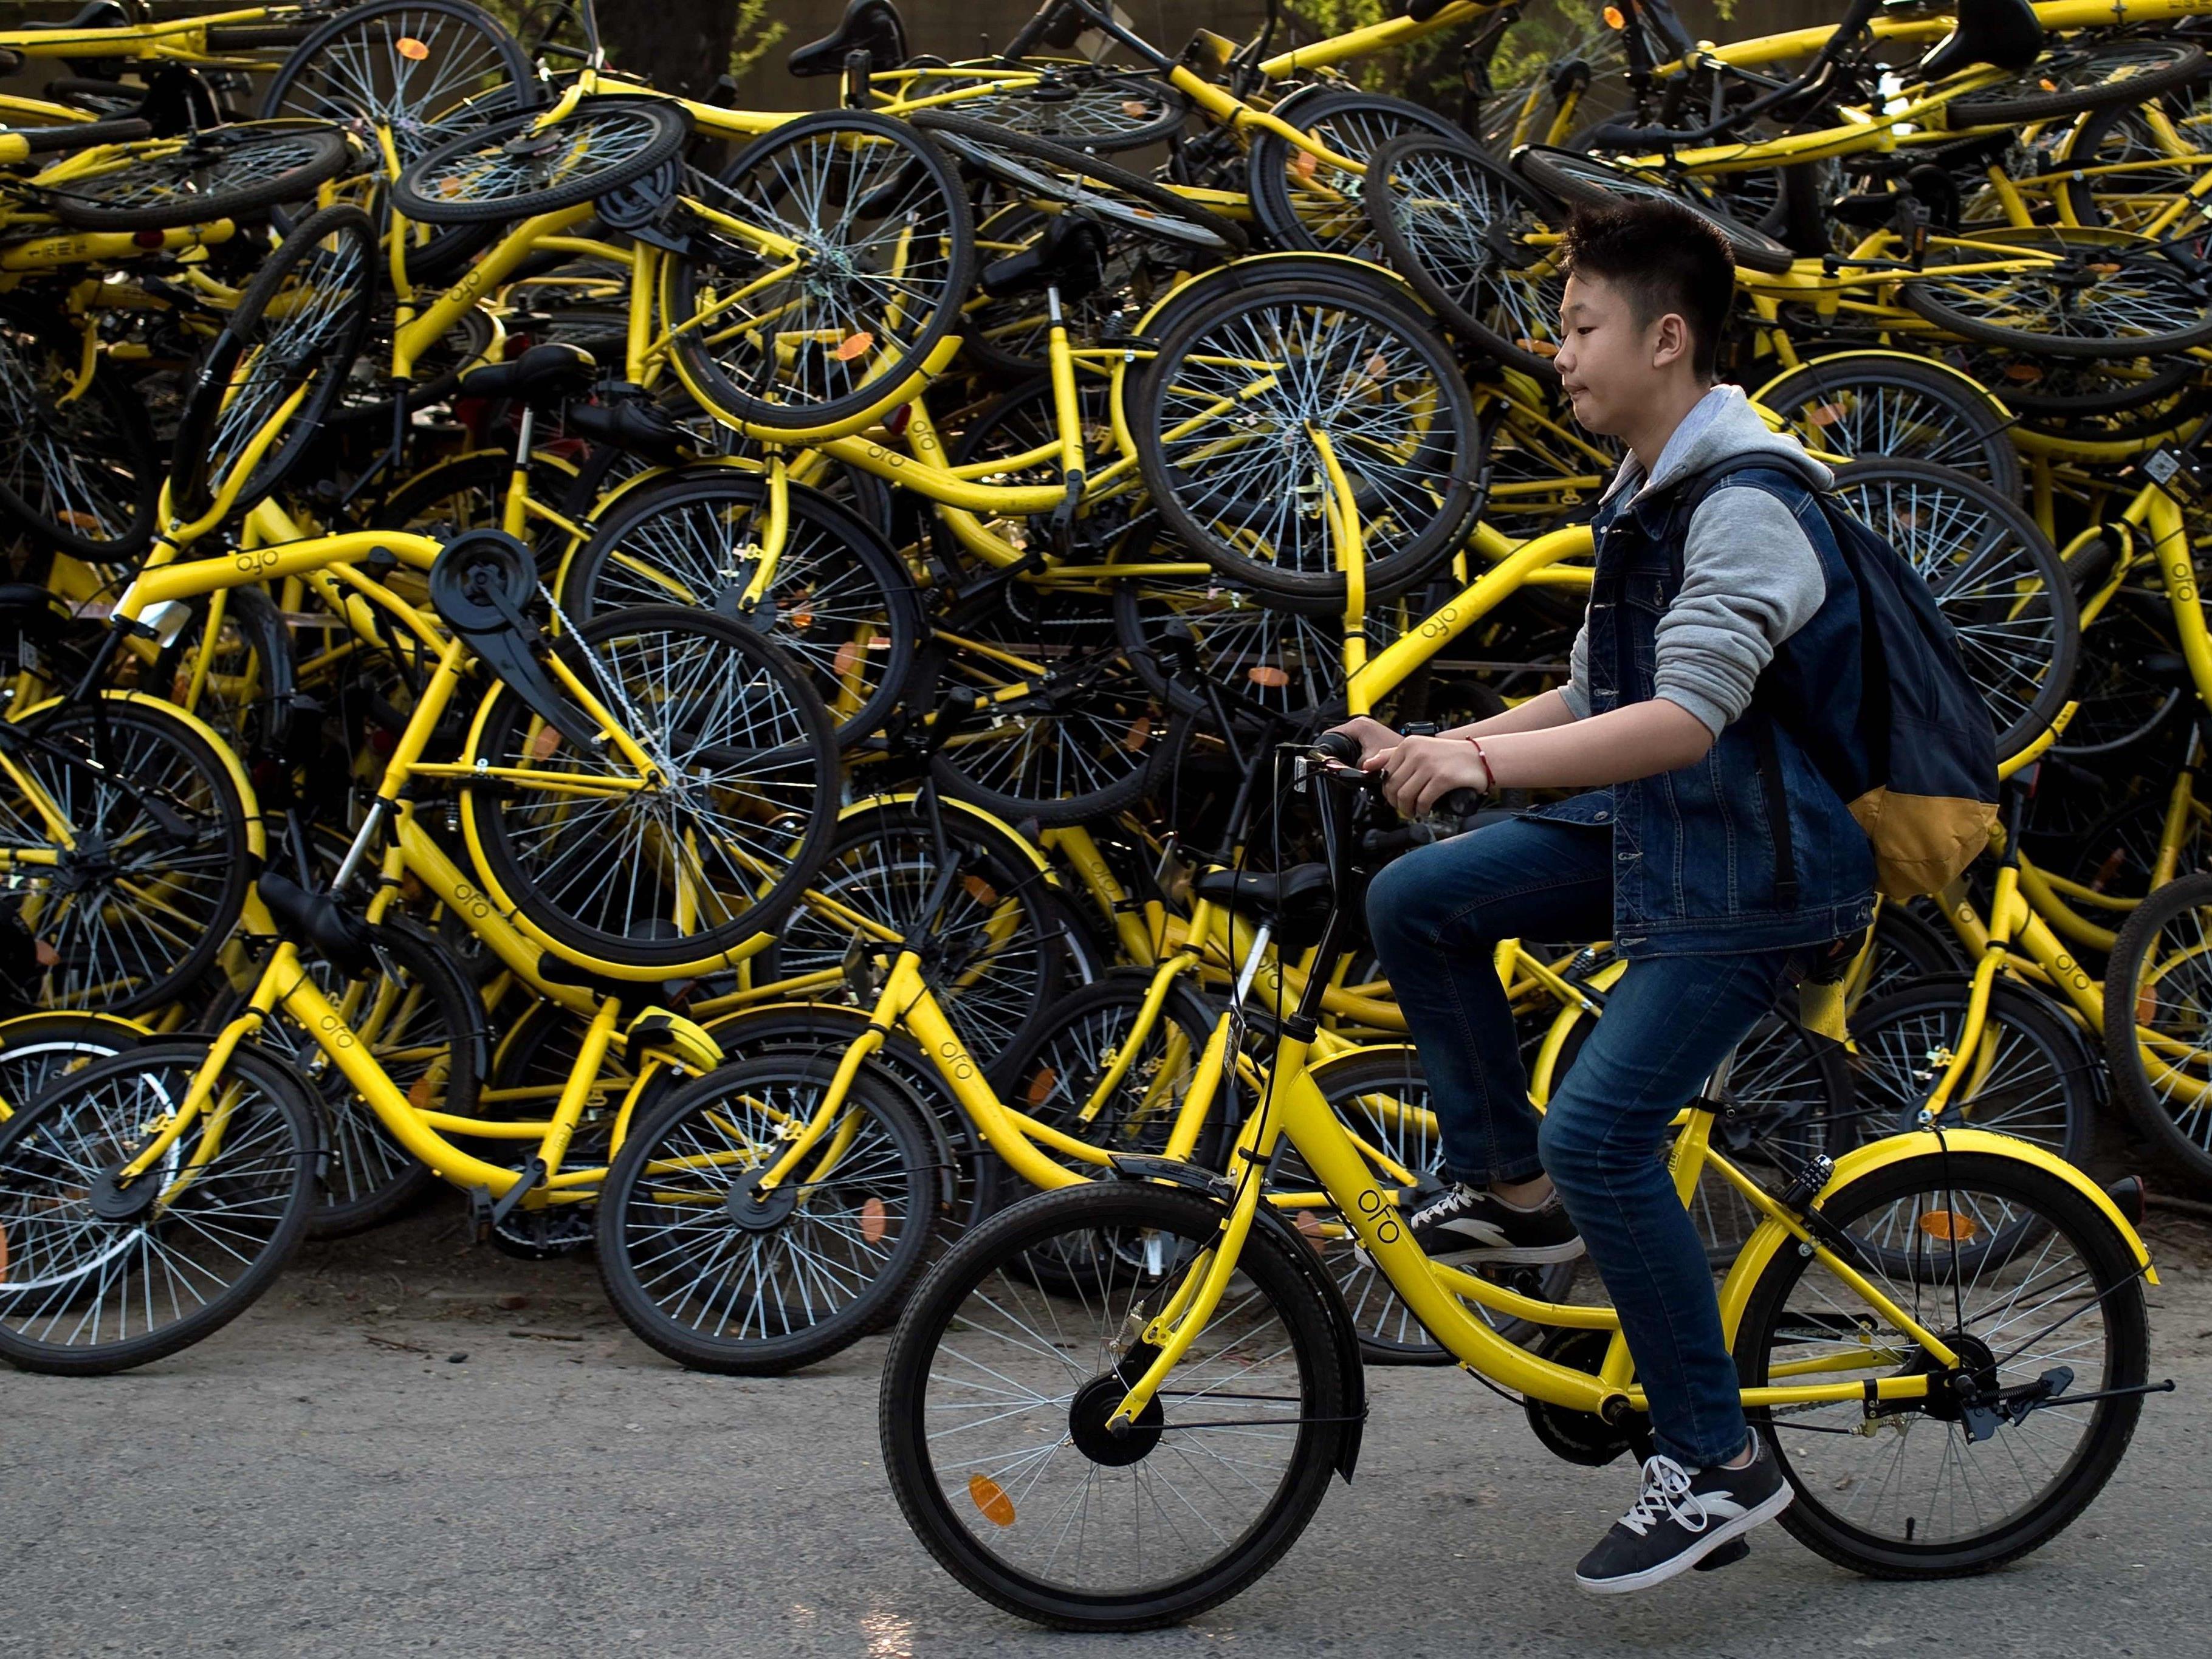 Die klassischen gelben Ofo-Fahrräder werden bald auch in Wien zu sehen sein